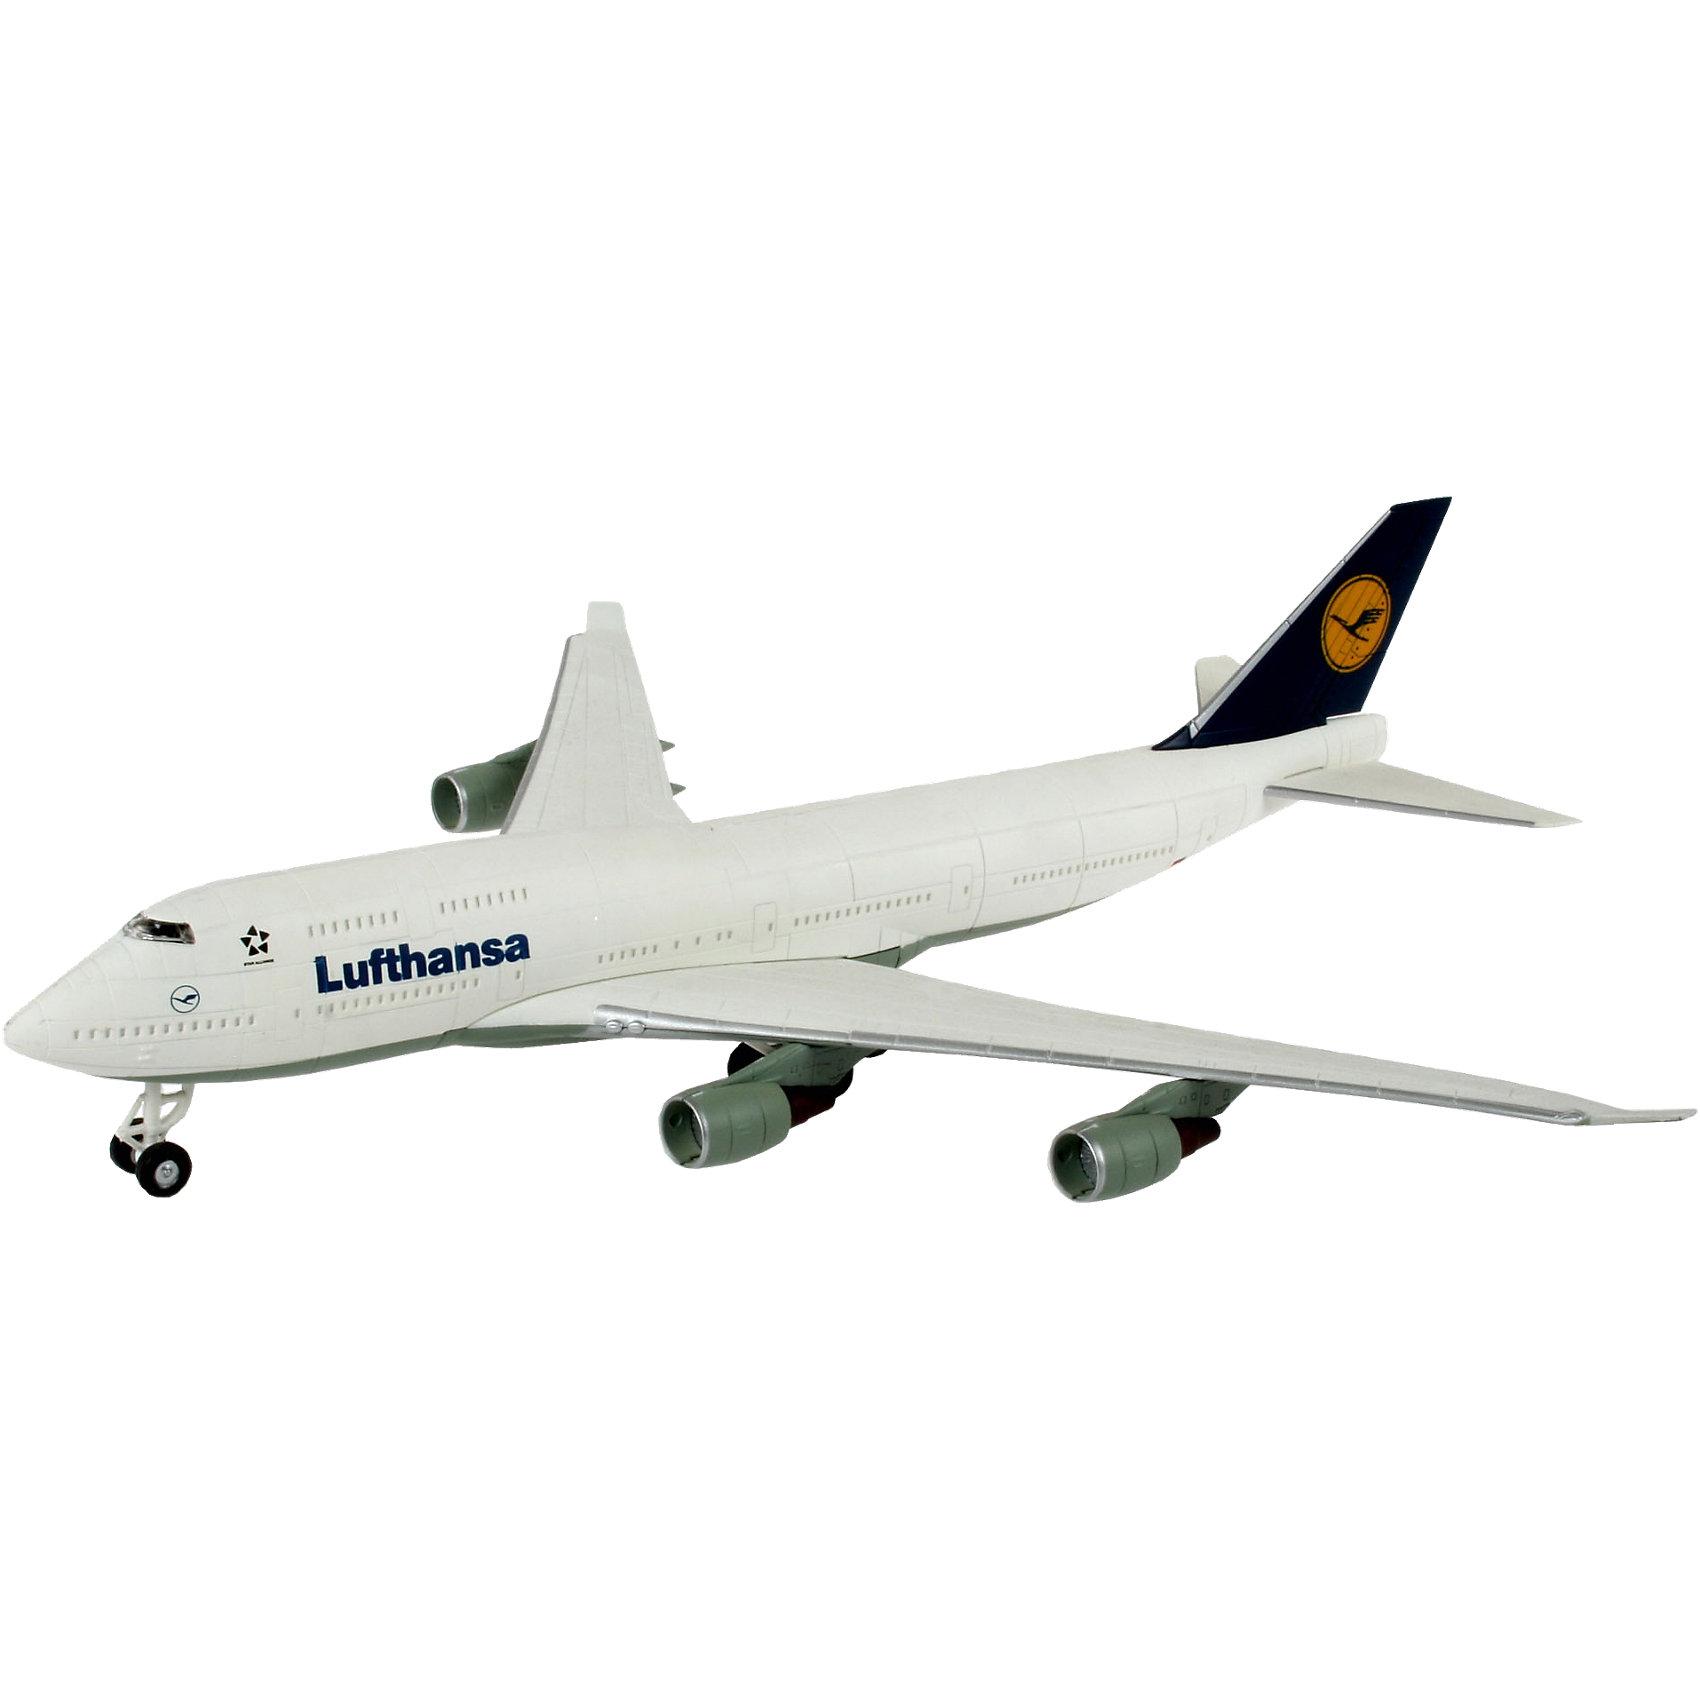 Сборка самолет Boeing 747 LufthansaСборные модели транспорта<br>Модель самолета Boeing 747 Lufthansa от фирмы Revell является уменьшенной копией самого известного в мире гражданского самолета Boeing 747 с логотипом авиакомпании Lufthansa - станет отличным украшением комнаты и дополнением Вашей коллекции. <br>Масштаб: 1:288 <br>Количество деталей: 42 <br>Длина модели: 252 мм <br>Размах крыльев: 231 мм <br>Подойдет для детей старше 6-и лет. <br>Для данной модели краски клей и кисточка не нужны. Детали соединяются специальными замками.<br><br>Ширина мм: 313<br>Глубина мм: 180<br>Высота мм: 50<br>Вес г: 211<br>Возраст от месяцев: 72<br>Возраст до месяцев: 132<br>Пол: Мужской<br>Возраст: Детский<br>SKU: 1871986